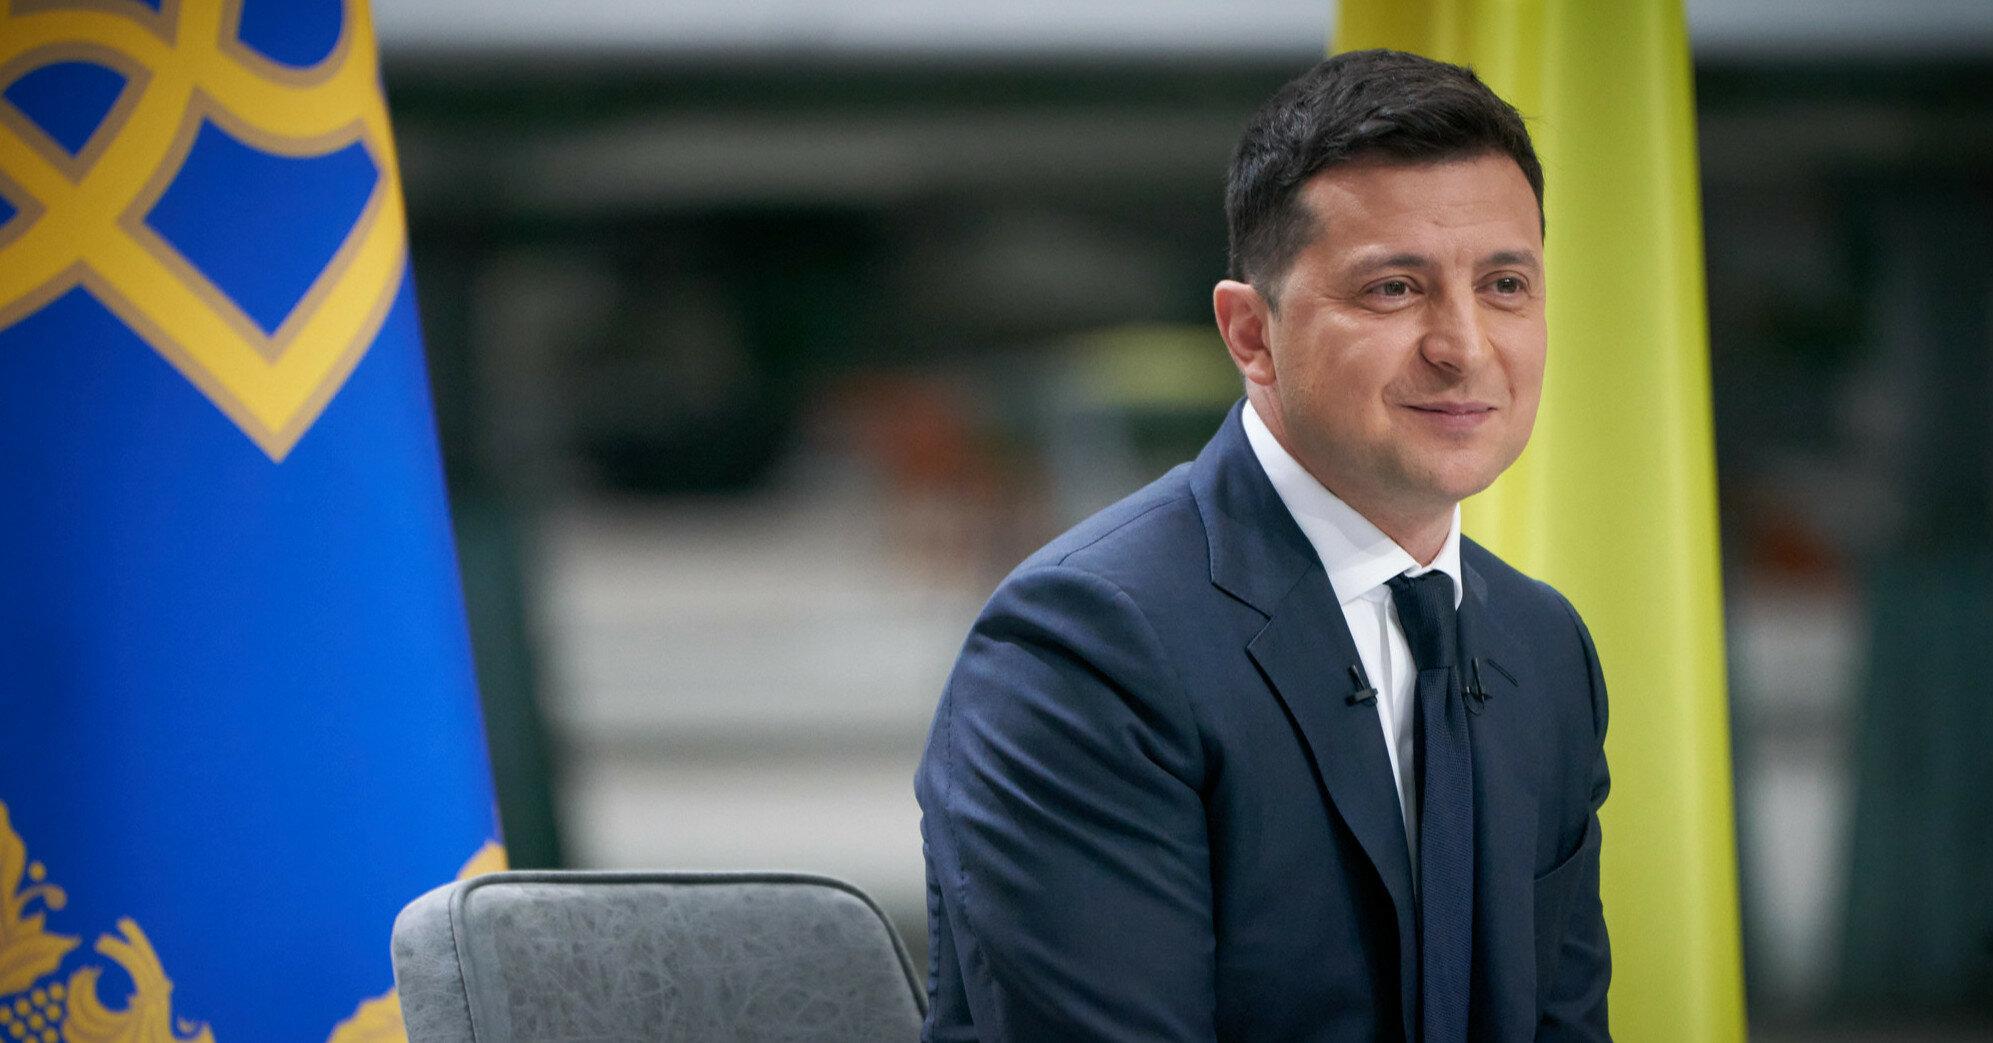 Зеленский рассказал, будет ли снова баллотироваться на пост президента